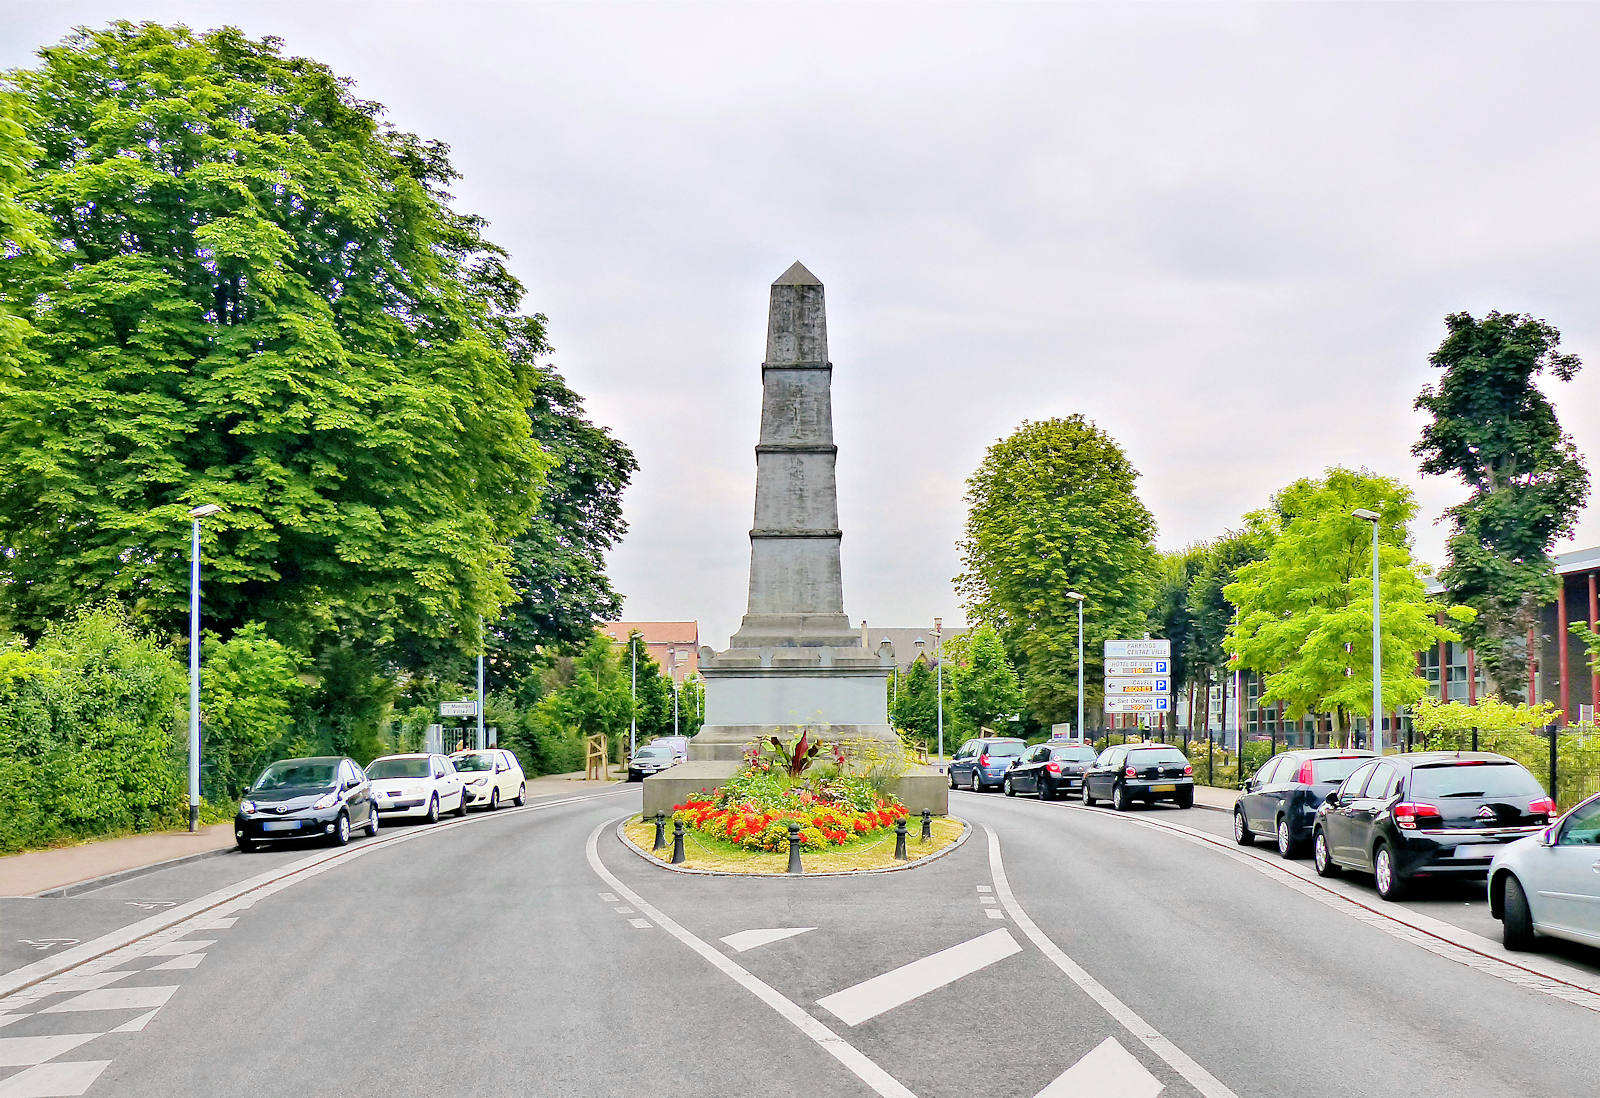 Bataille de Tourcoing de 1794 - Monument commémoratif, rue Millet, Tourcoing.